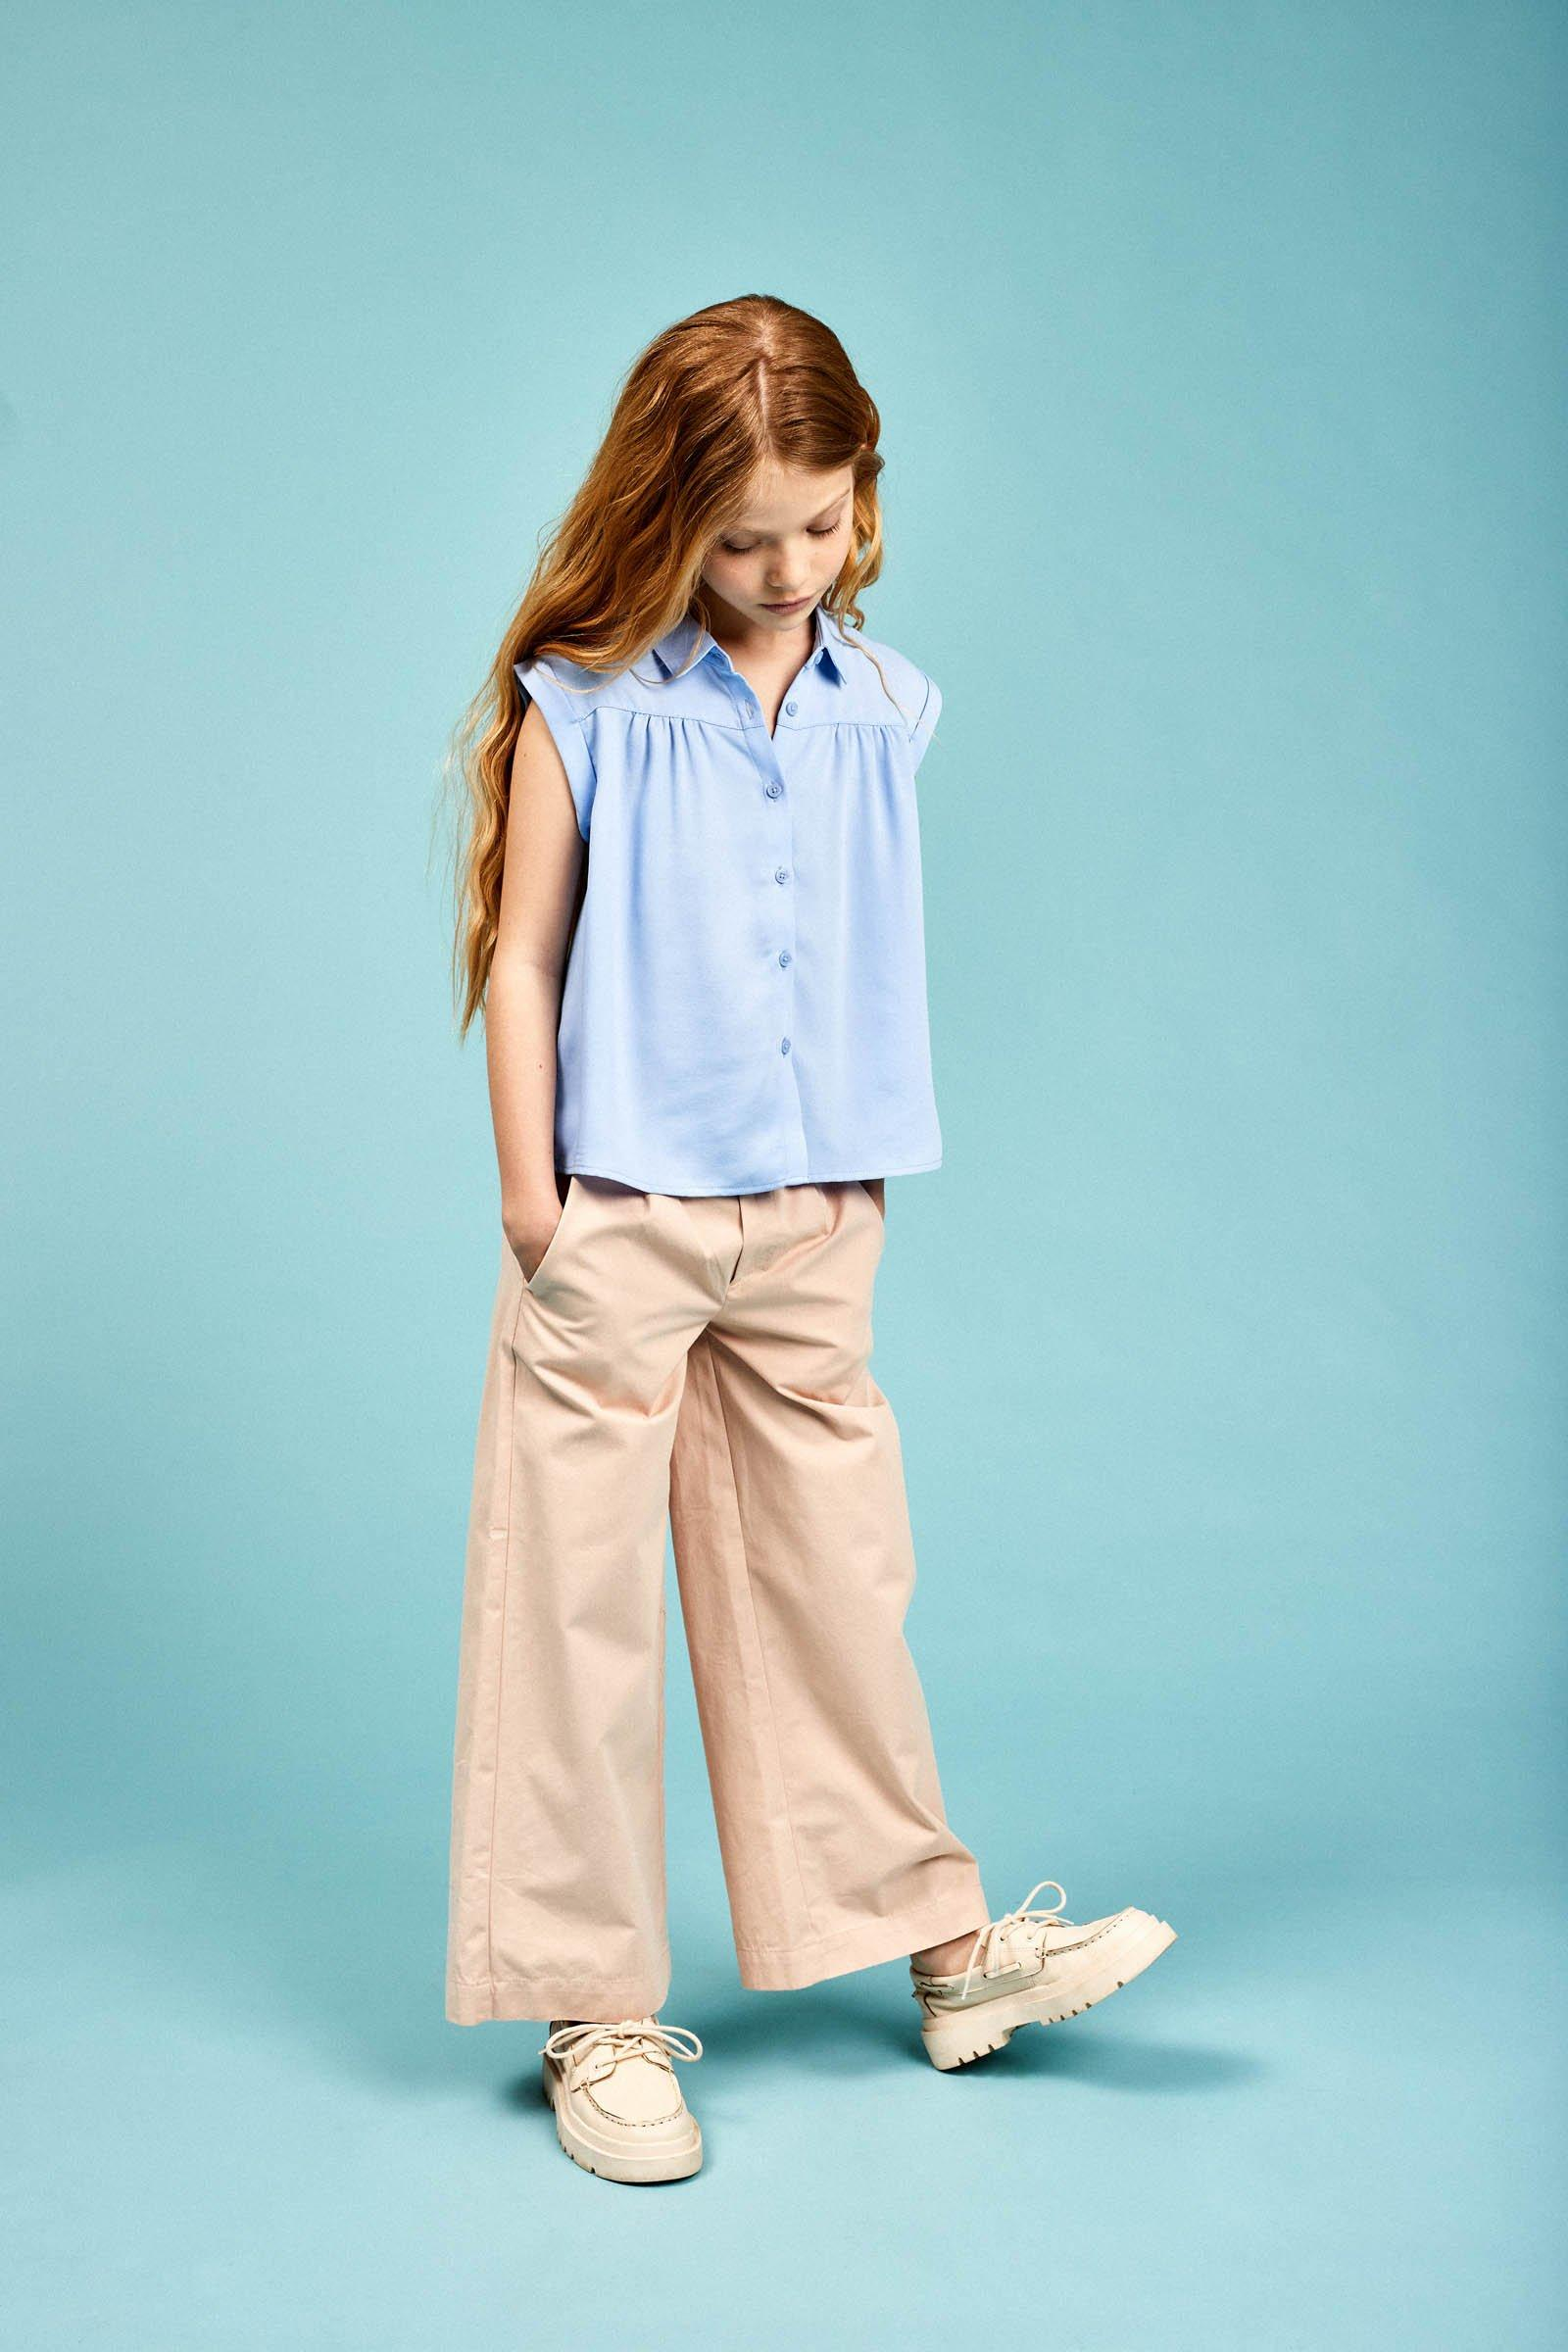 CKS Kids - DAMARA - lange broek - roze